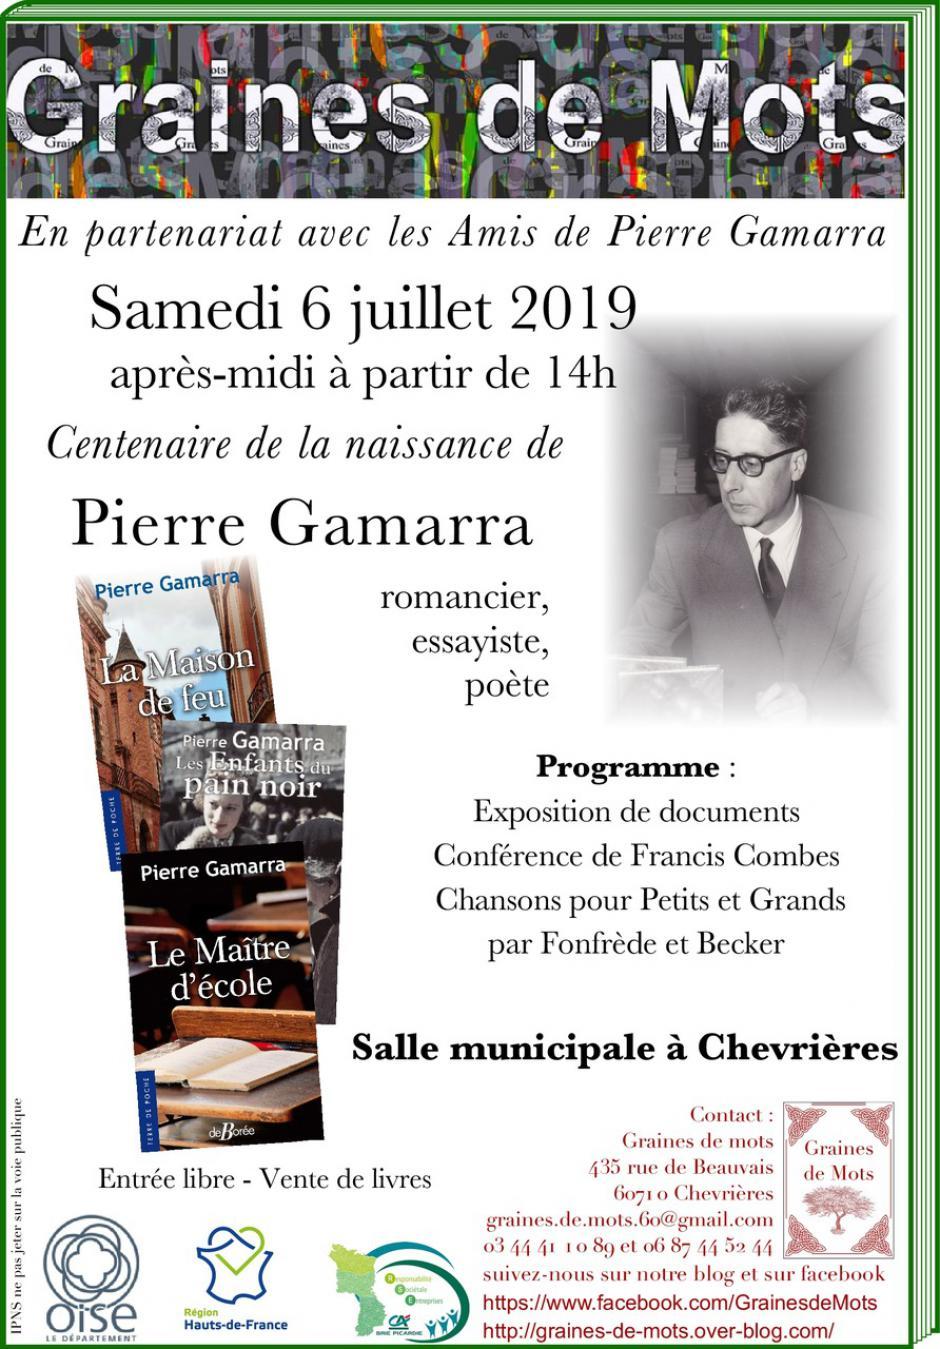 6 juillet, Chevrières - Graines de Mots & Les Amis de Pierre Gamarra-Après-midi autour du centenaire de Pierre Gamarra